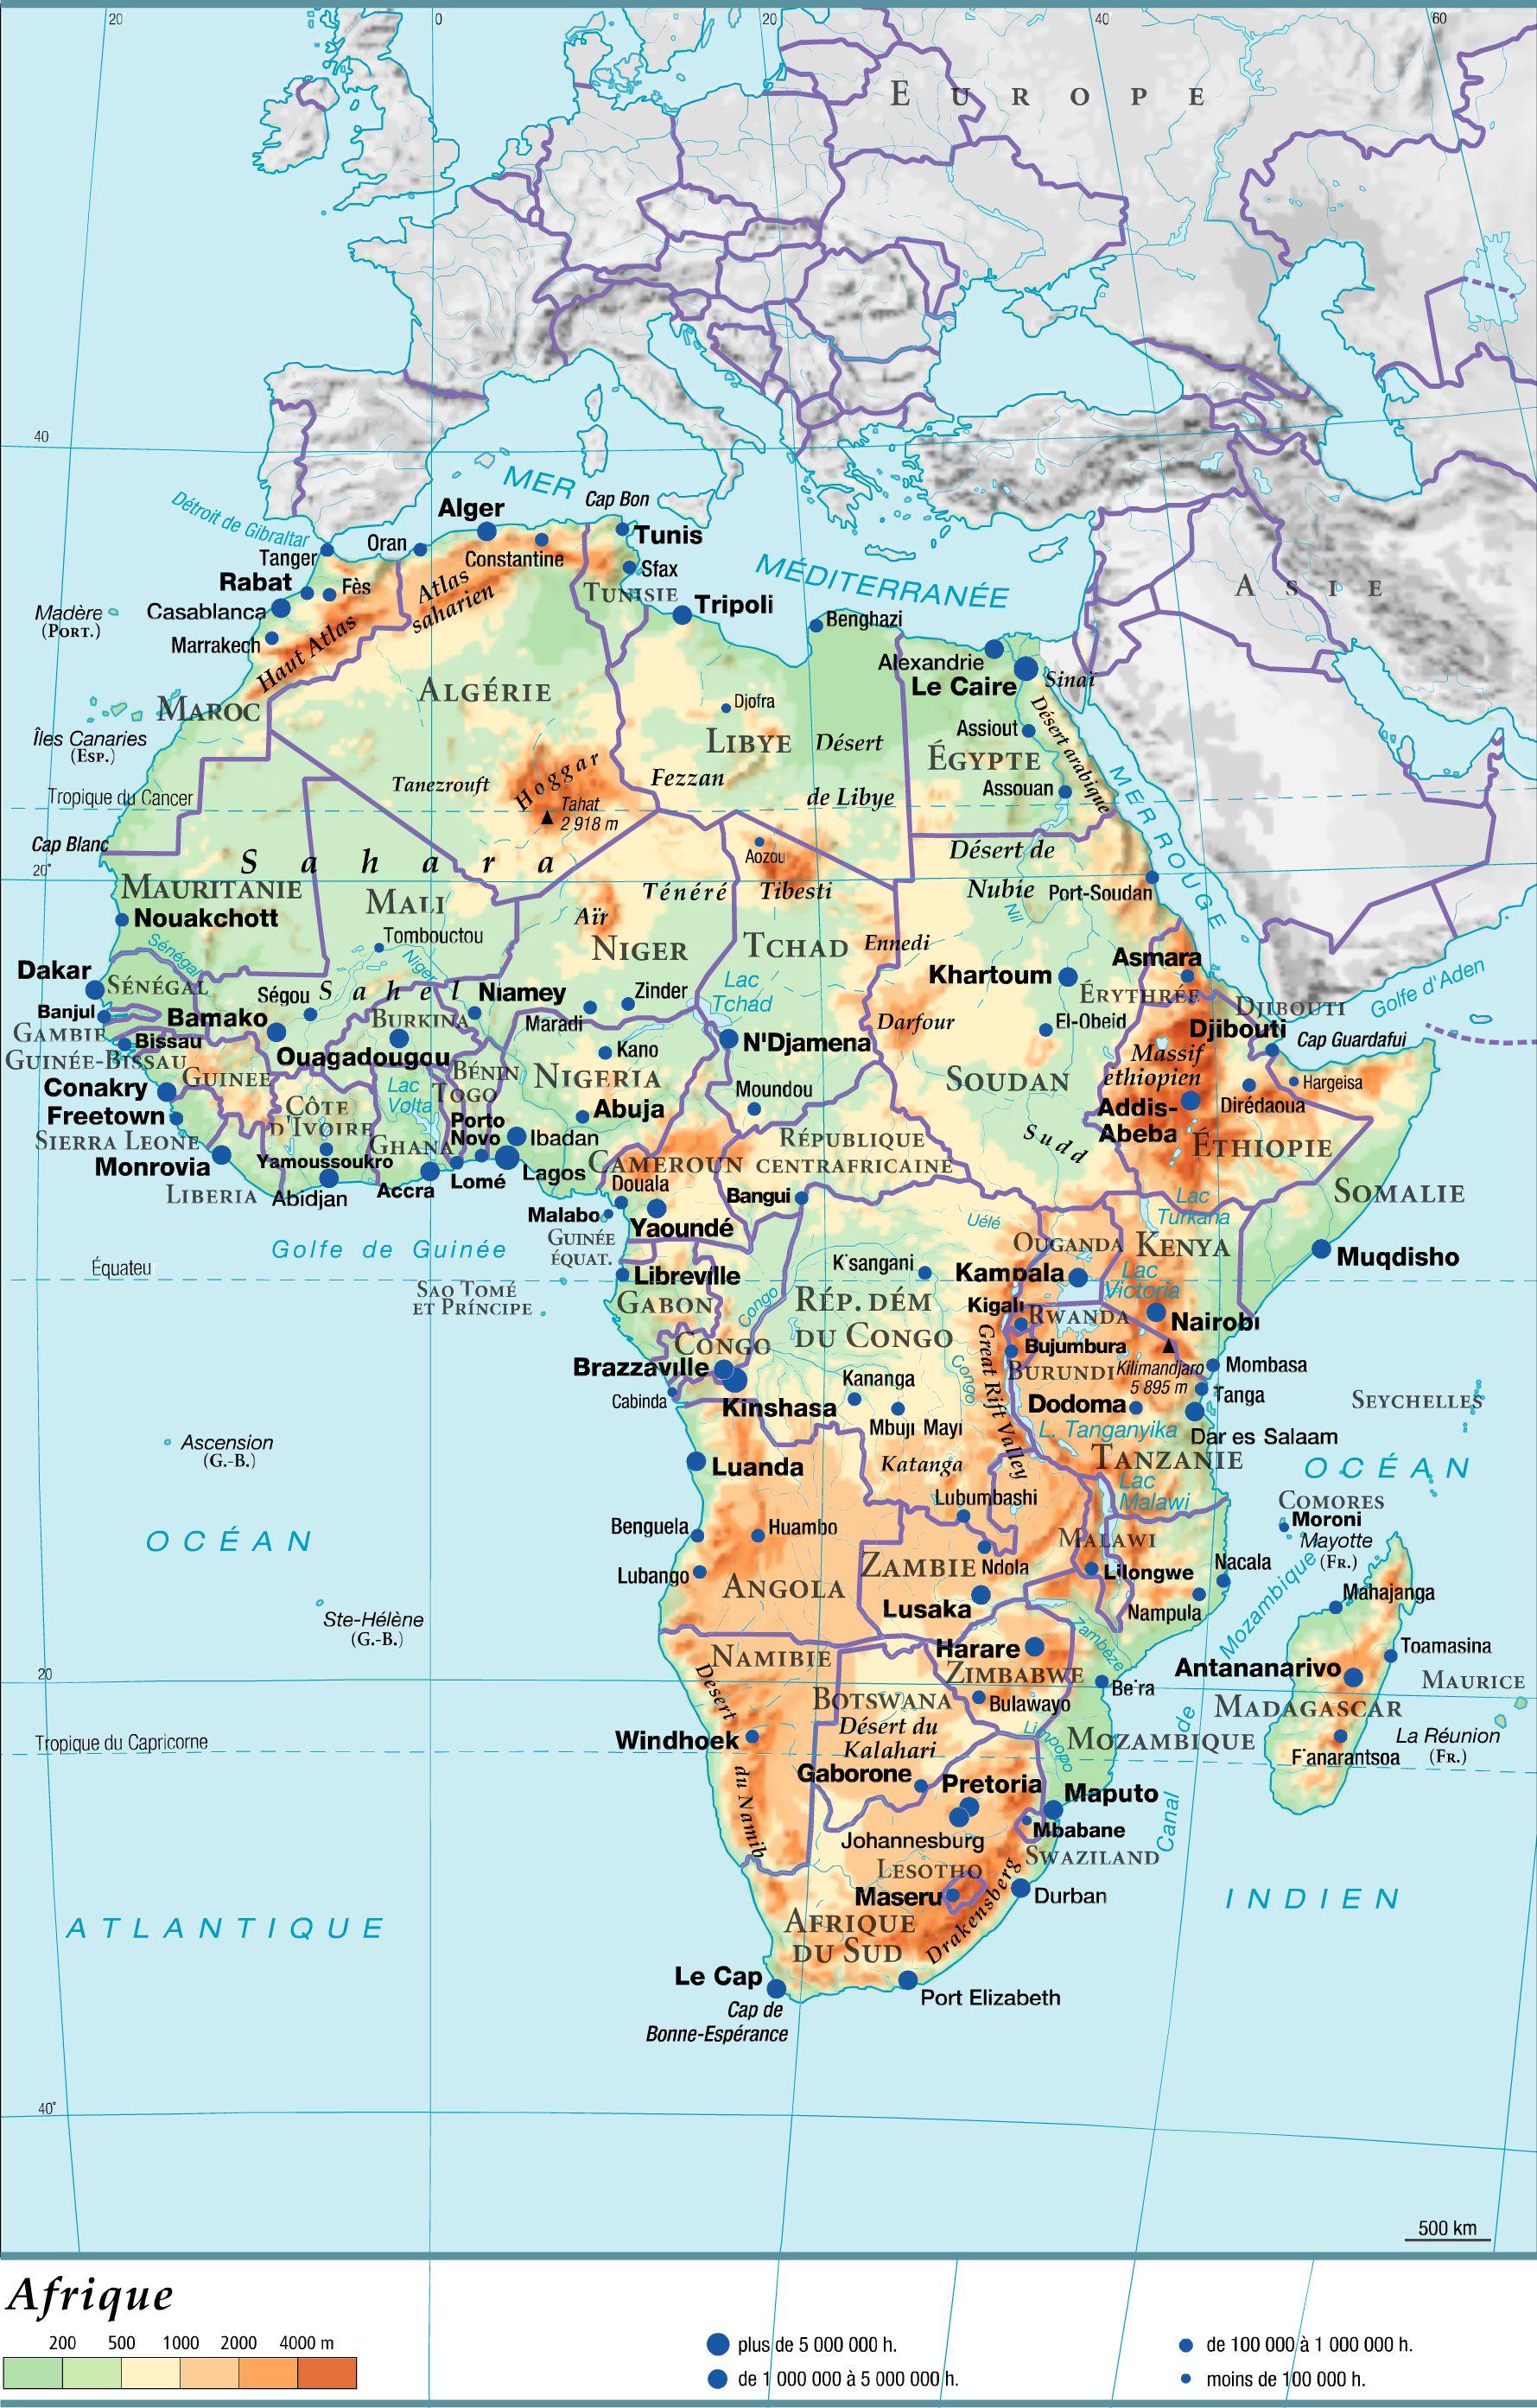 Carte du relief de l'Afrique